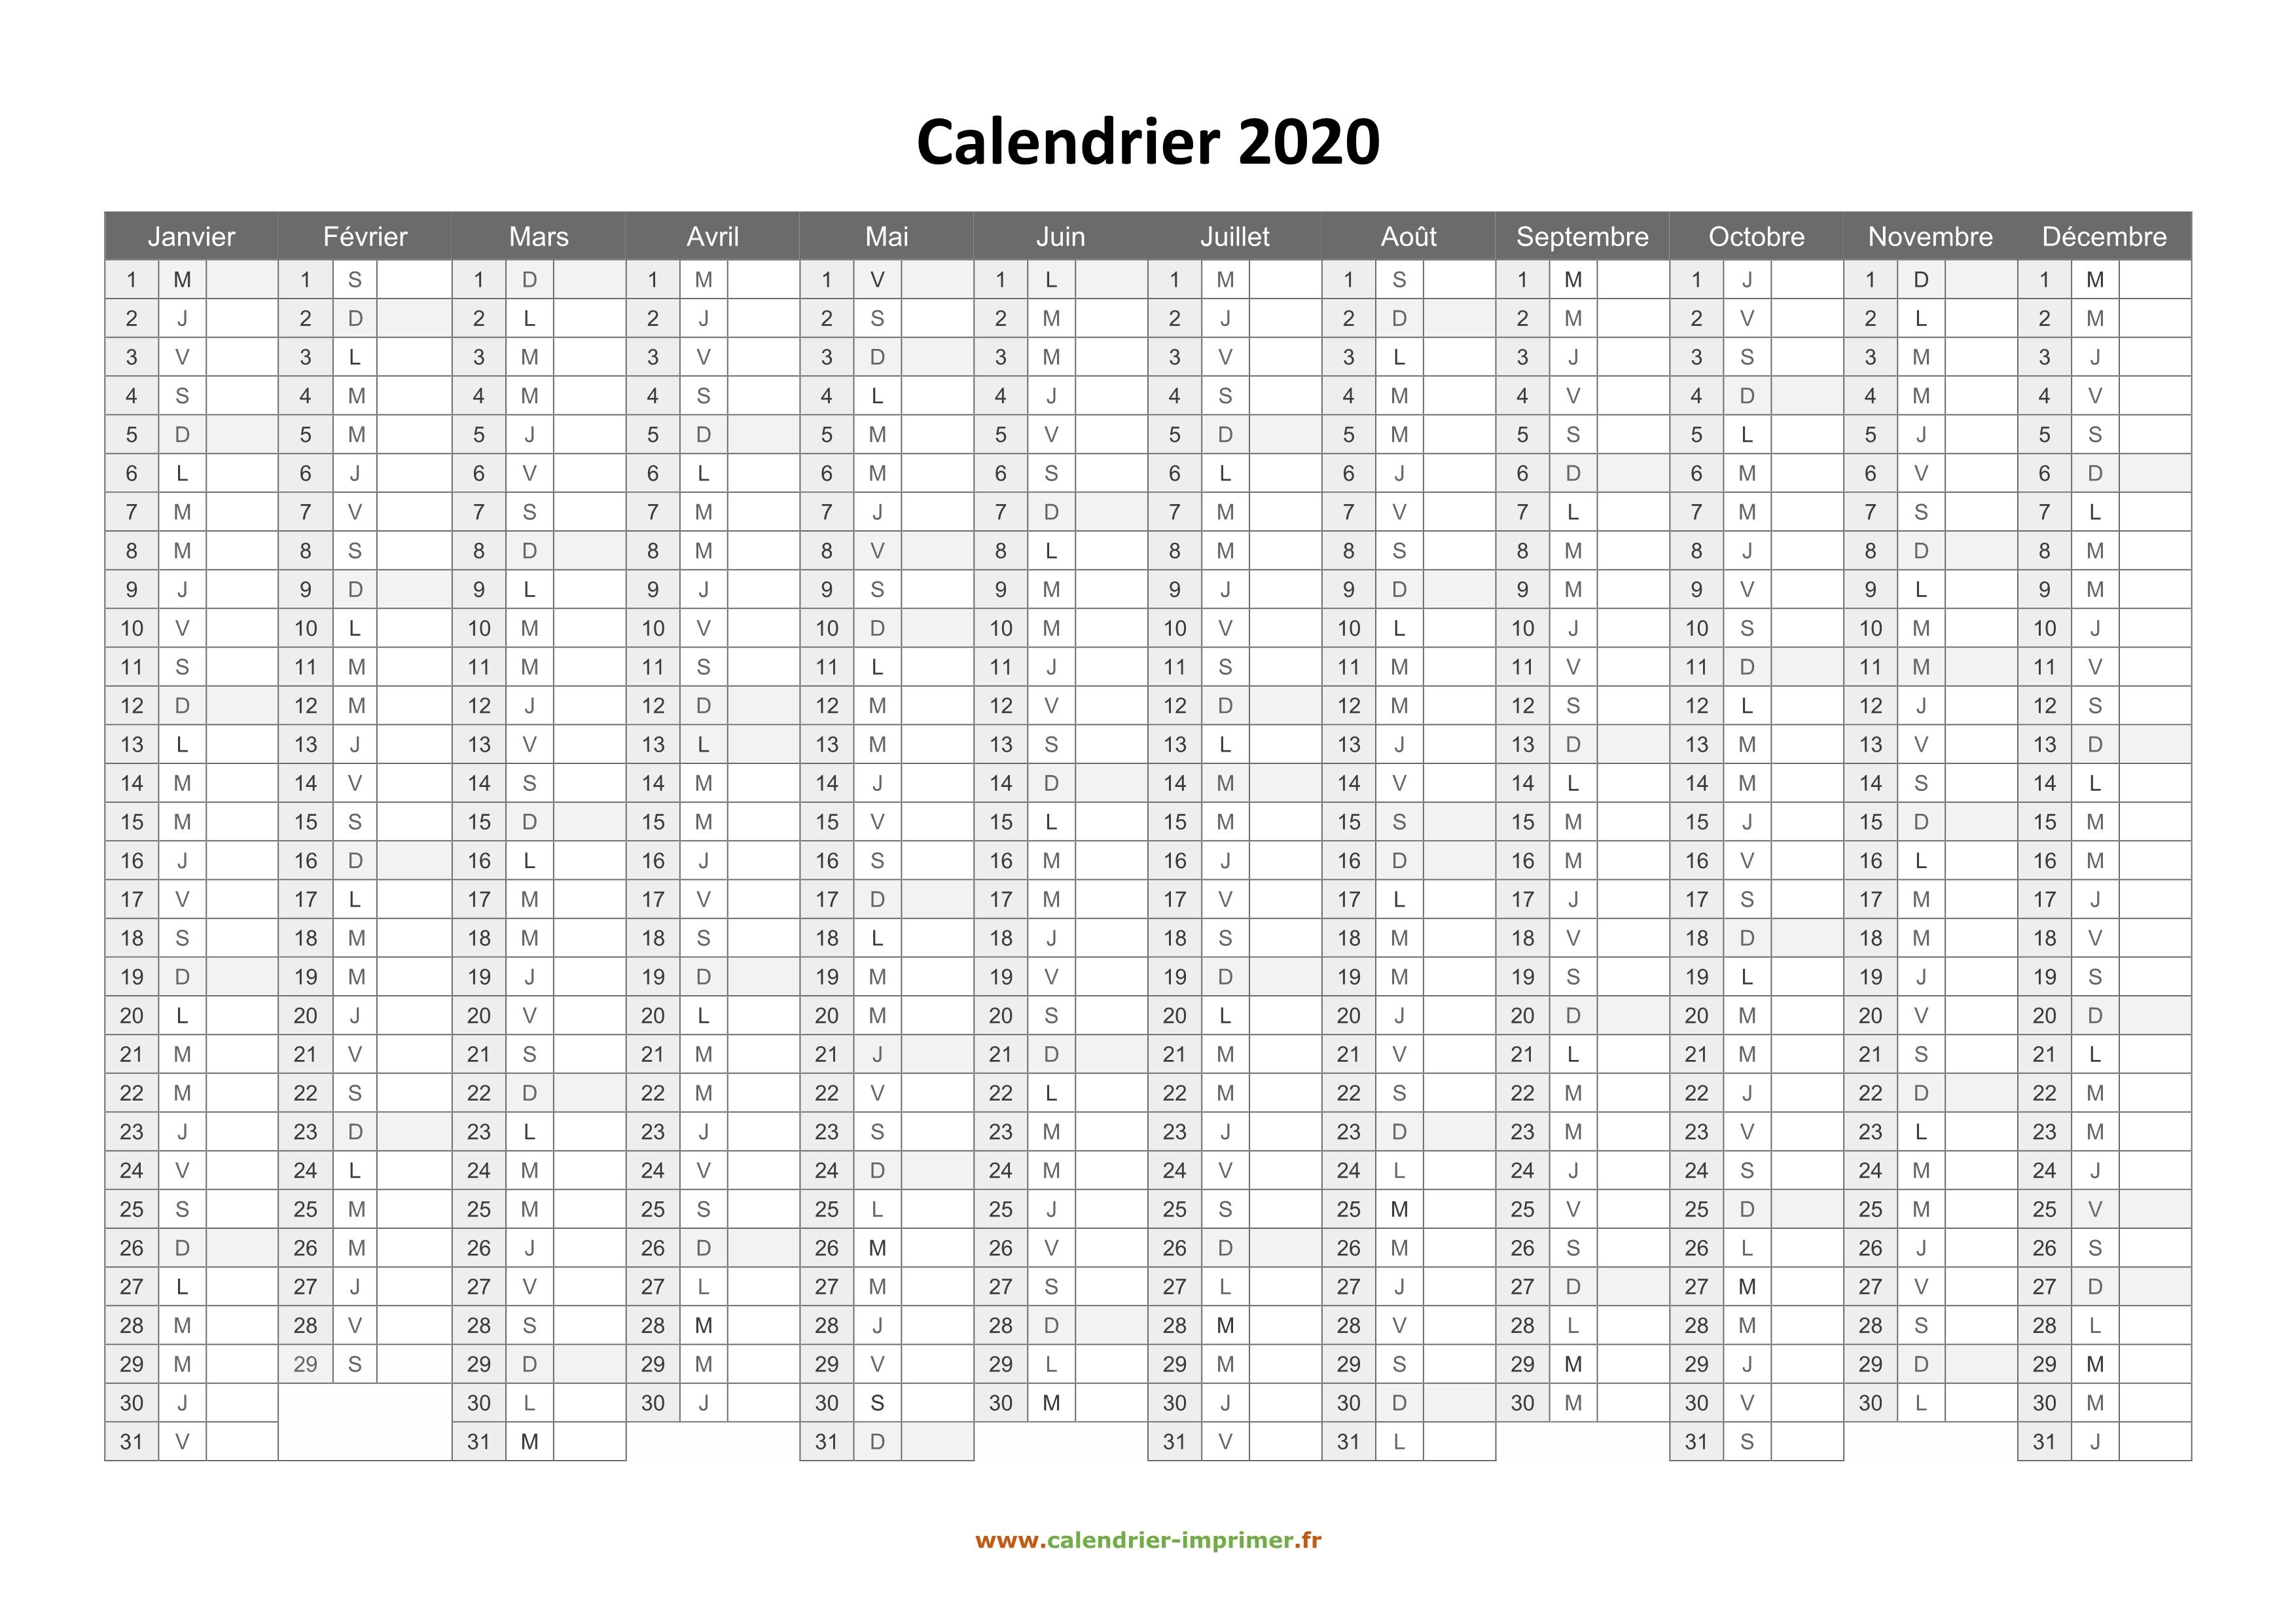 Achat Calendrier 2020.Calendrier 2020 A Imprimer Gratuit